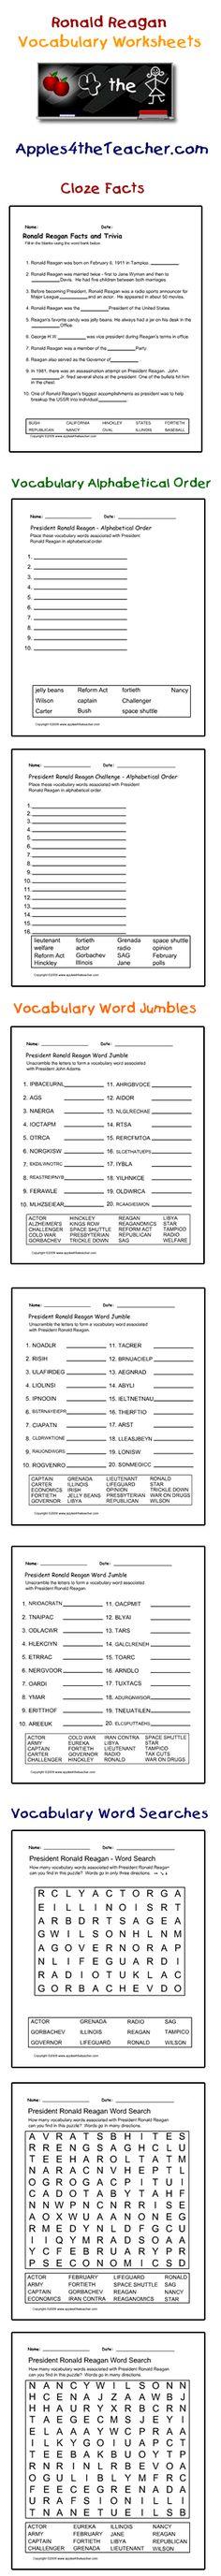 Zachary Taylor interactive vocabulary words cloze